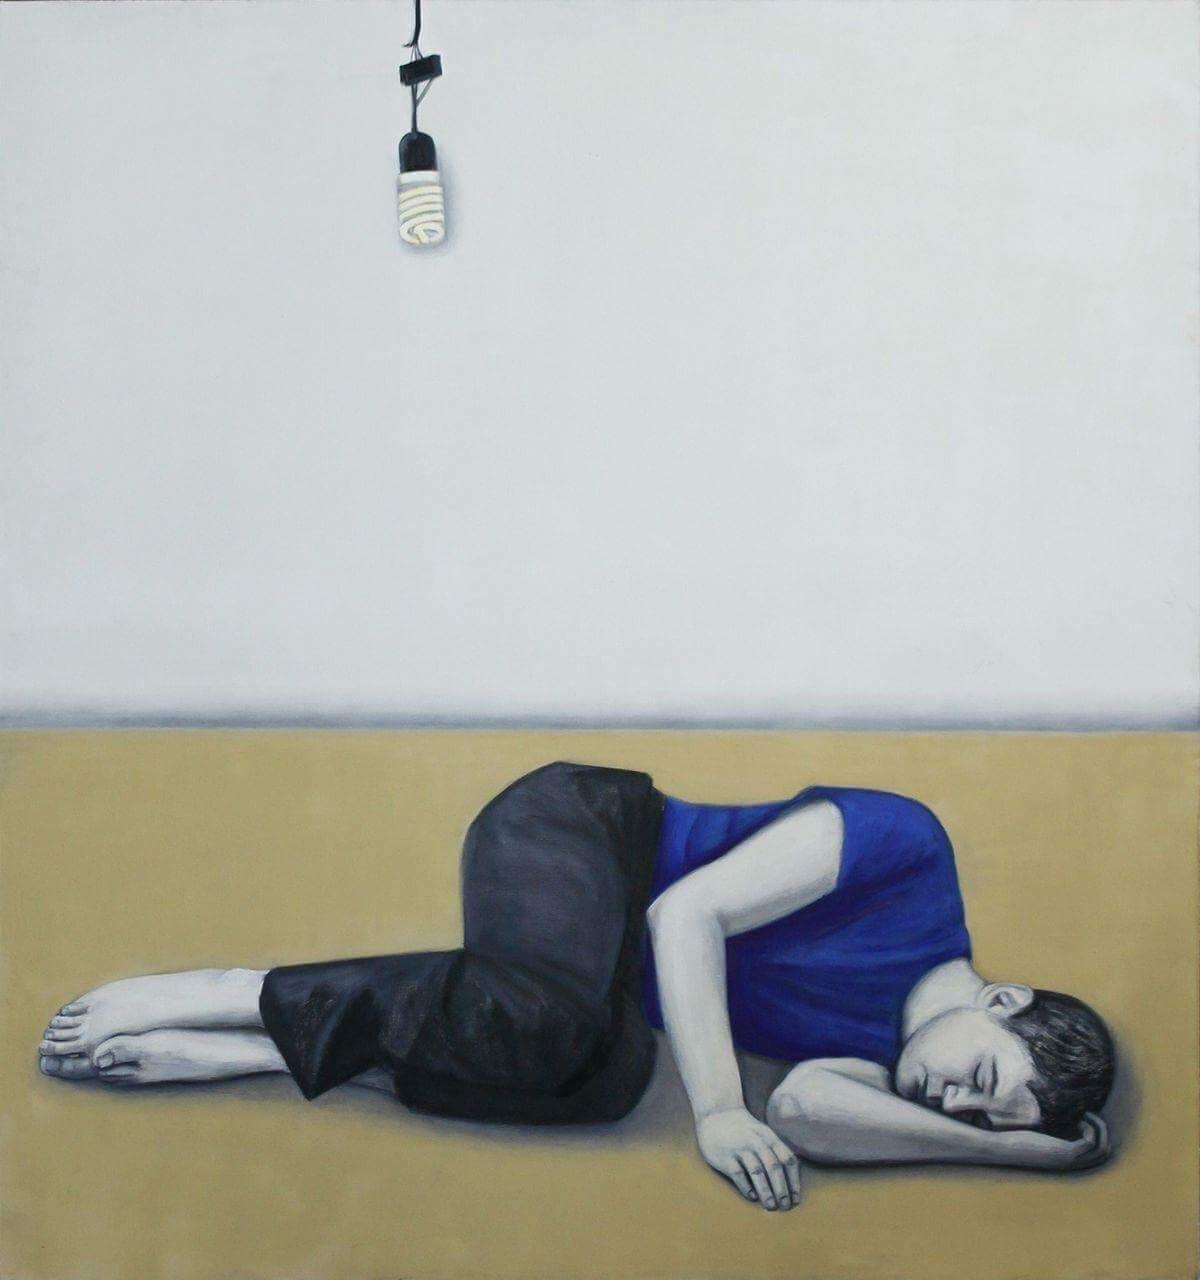 2.Асмик Мелконян «Спящий в городе», из серии «Спящий город». Предоставлено автором.